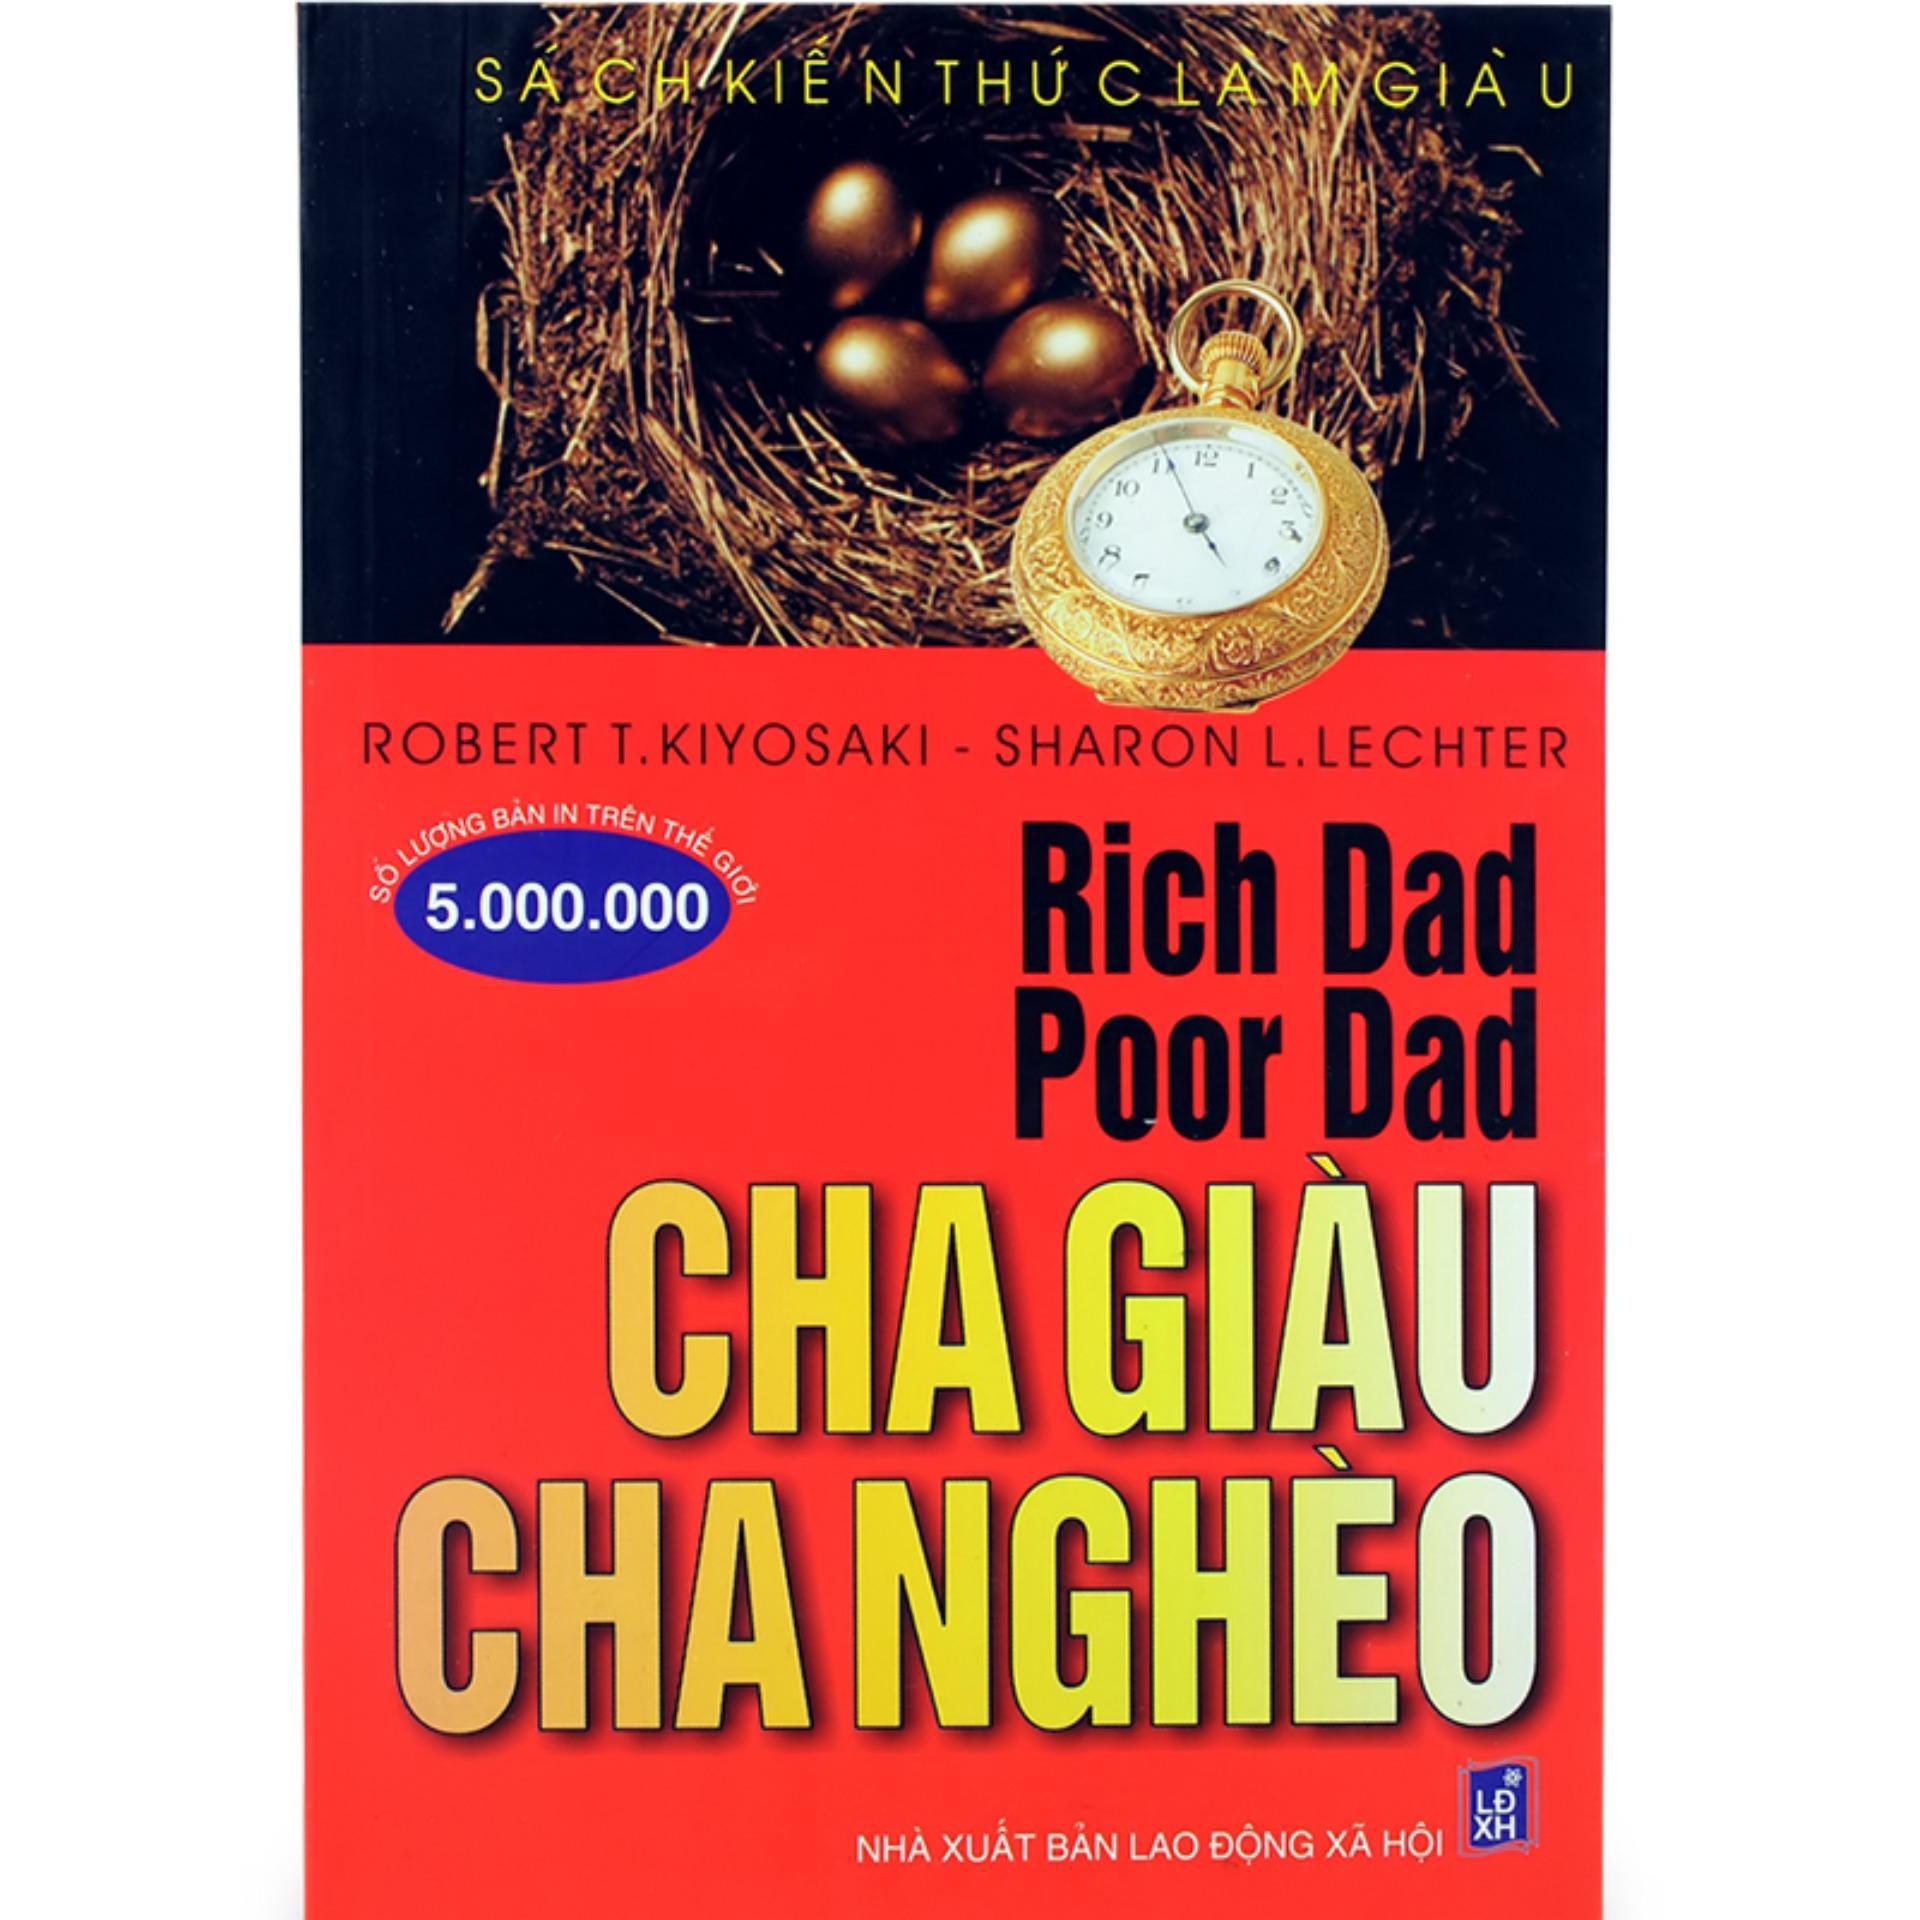 Mua Sách Cha giàu cha nghèo